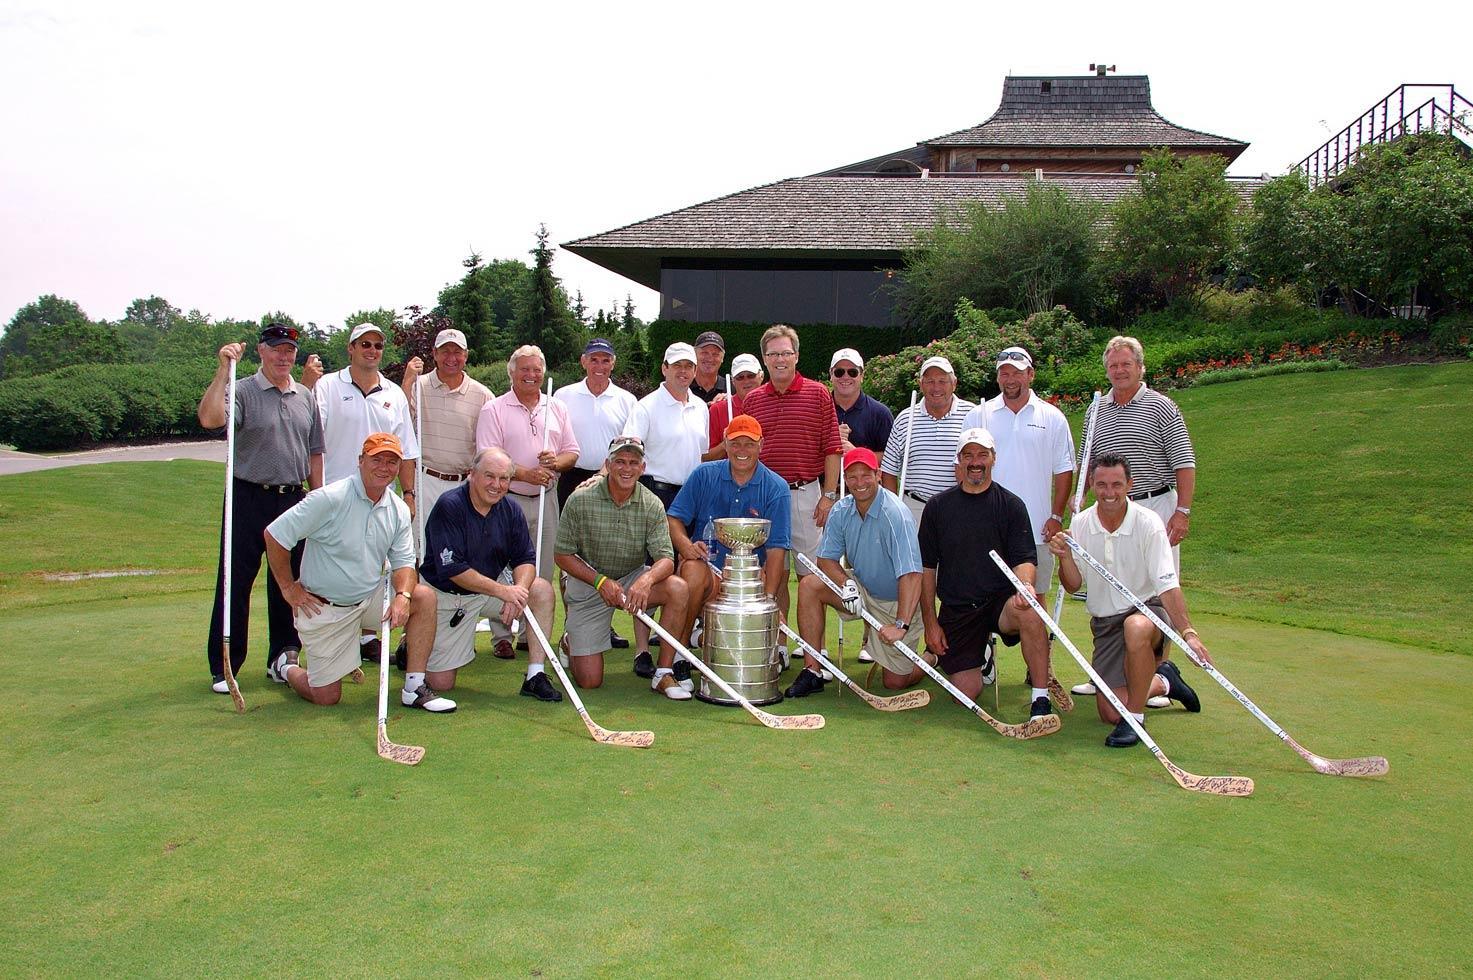 A team with signed memorabilia sticks